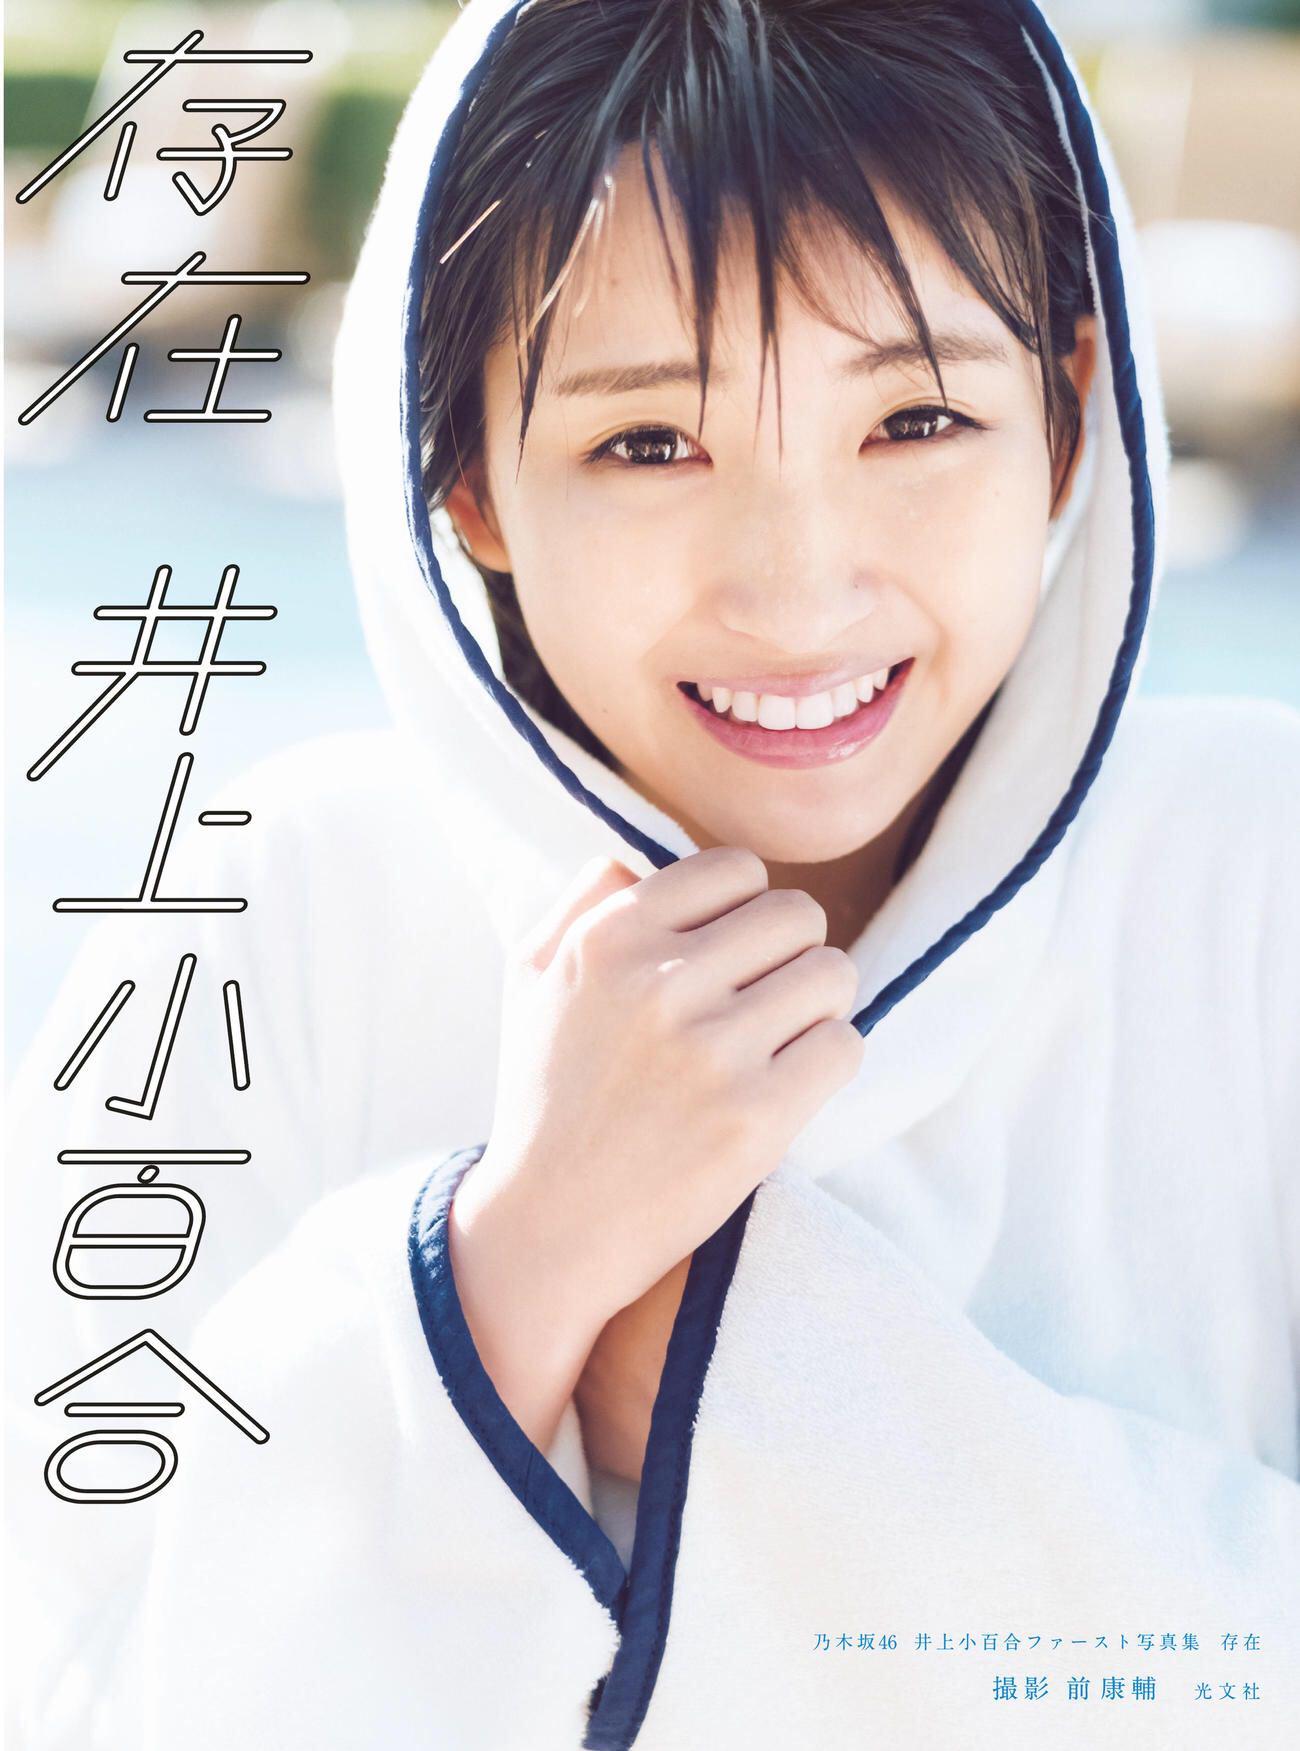 乃木坂46井上小百合1st写真集『存在』表紙